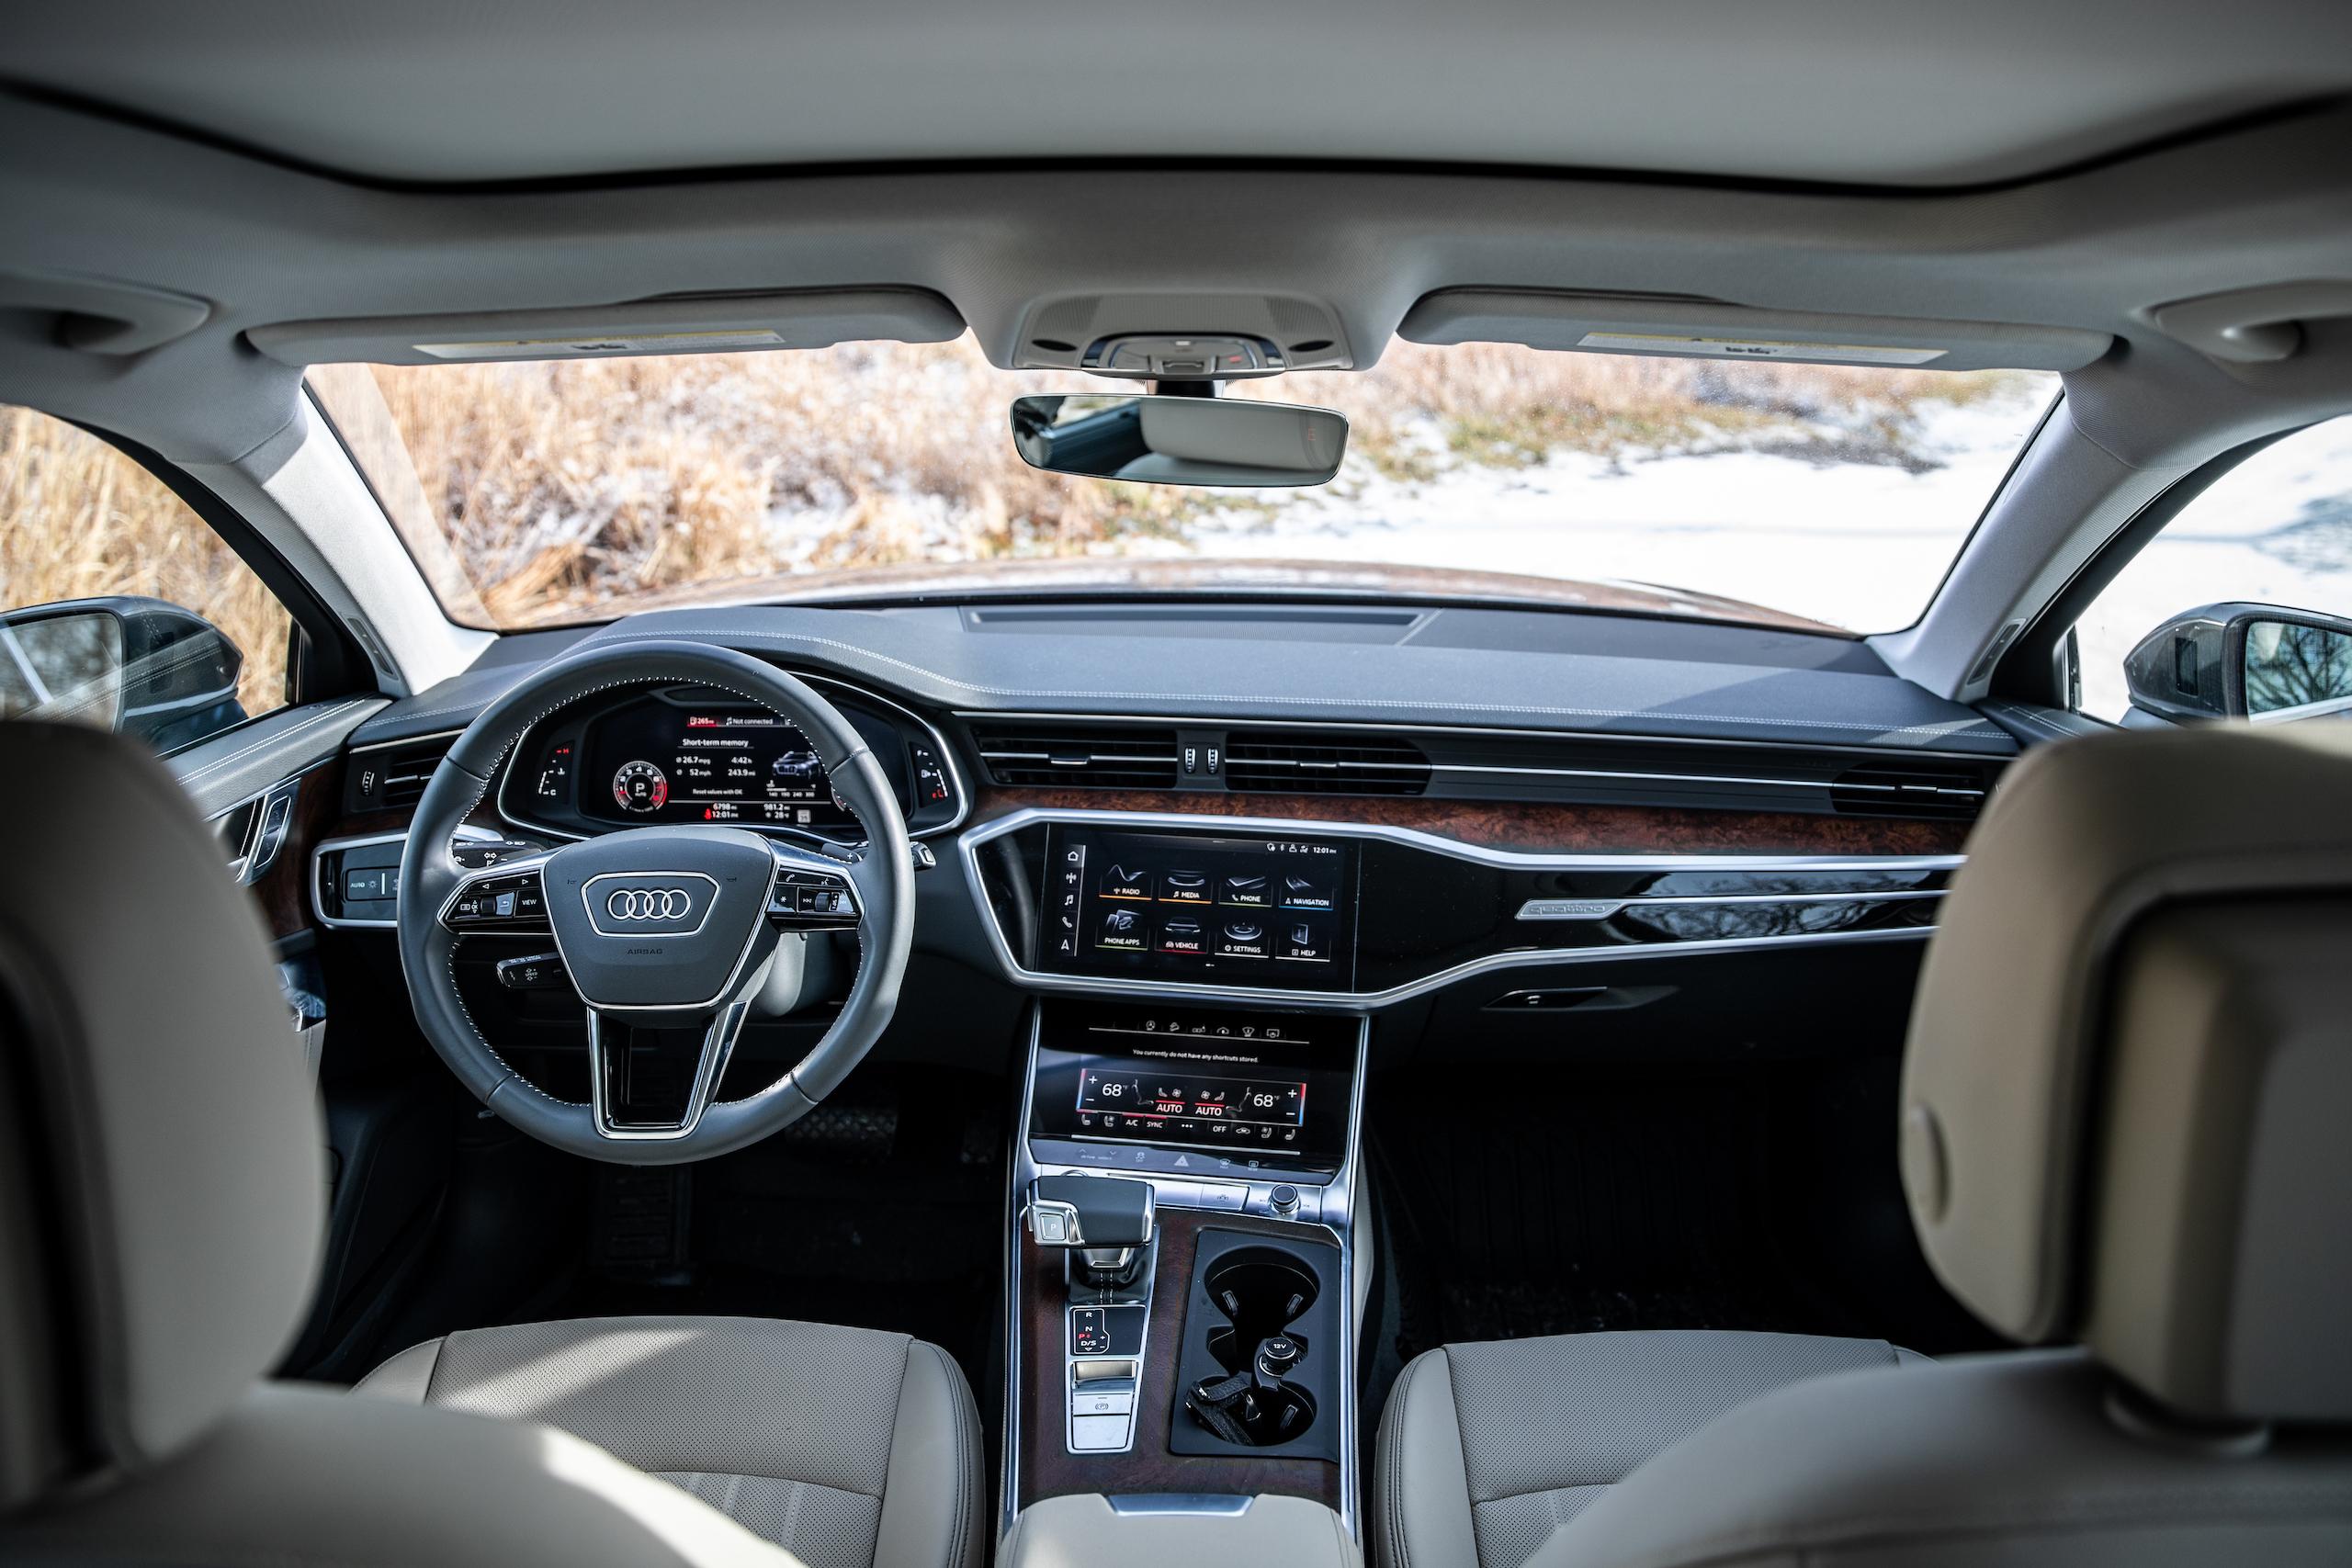 Audi A6 Allroad Quattro Wagon interior front